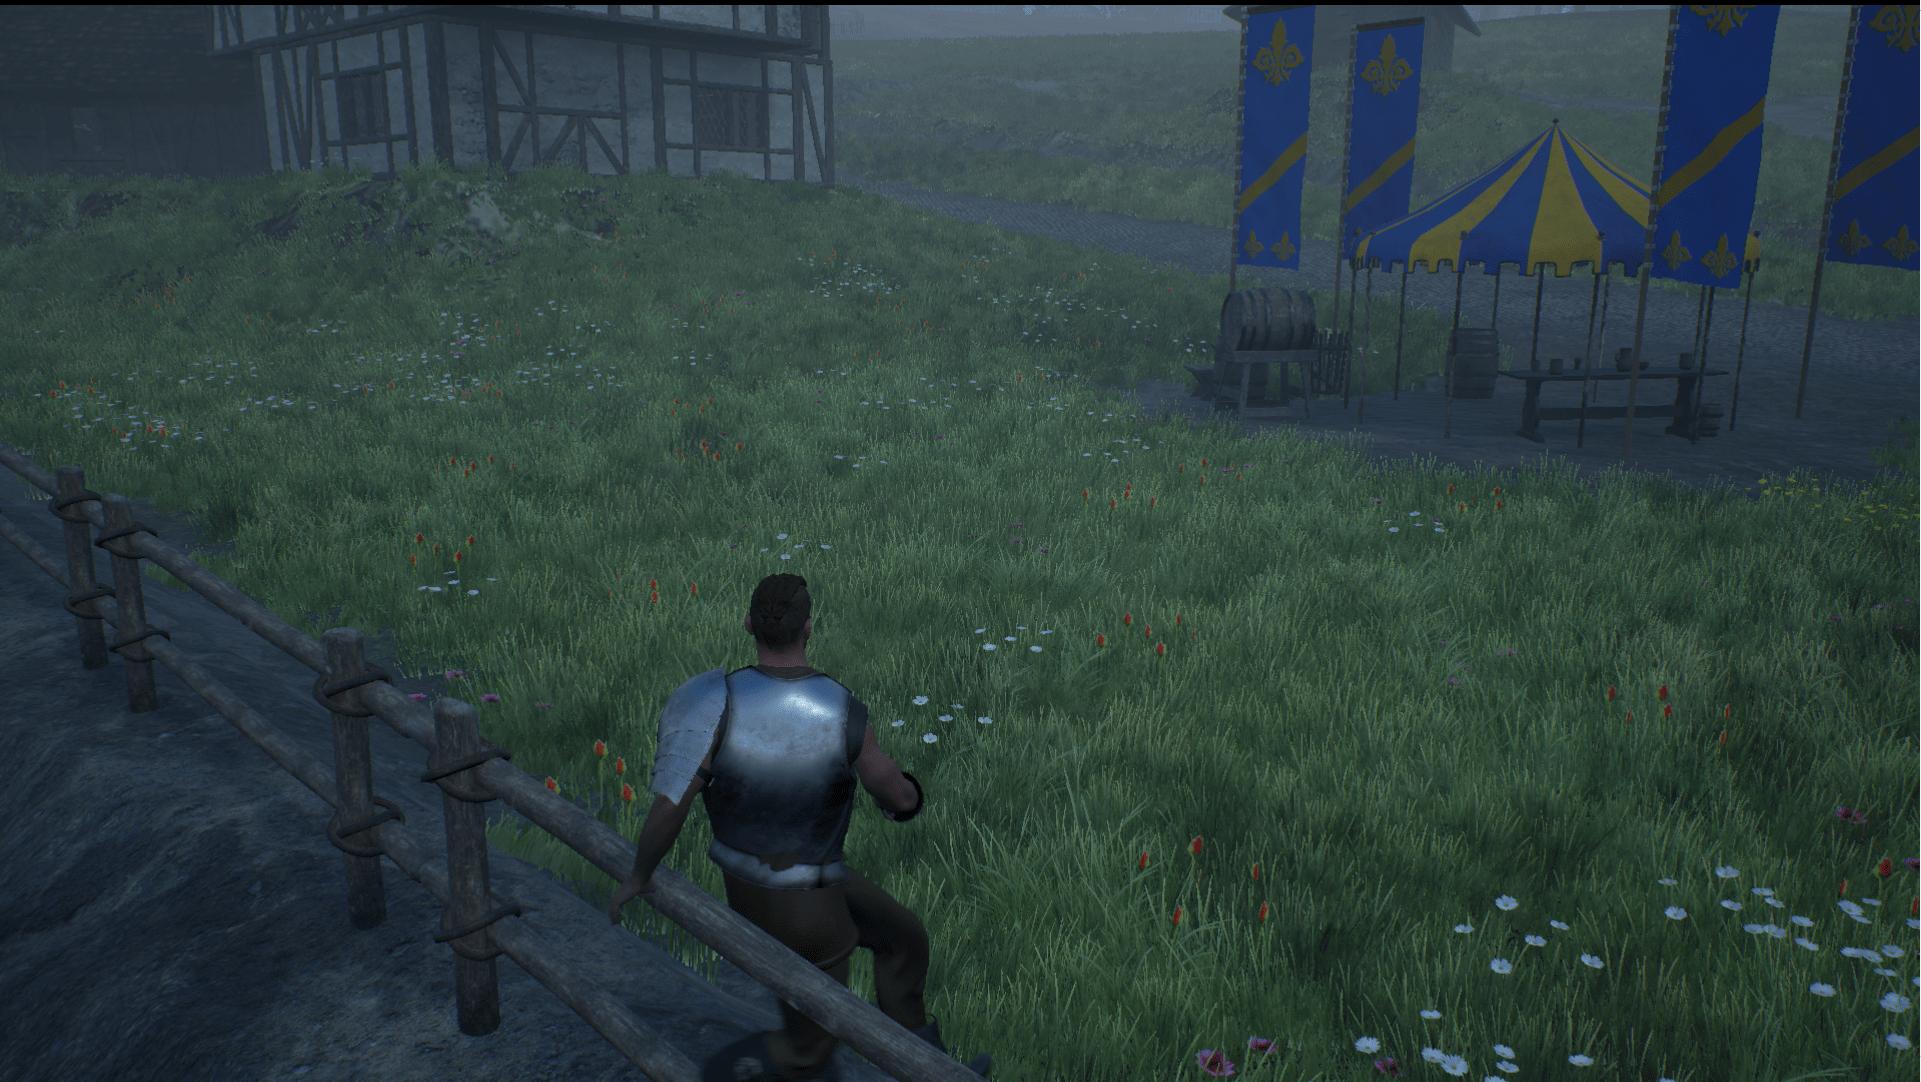 Keveth hops a fence